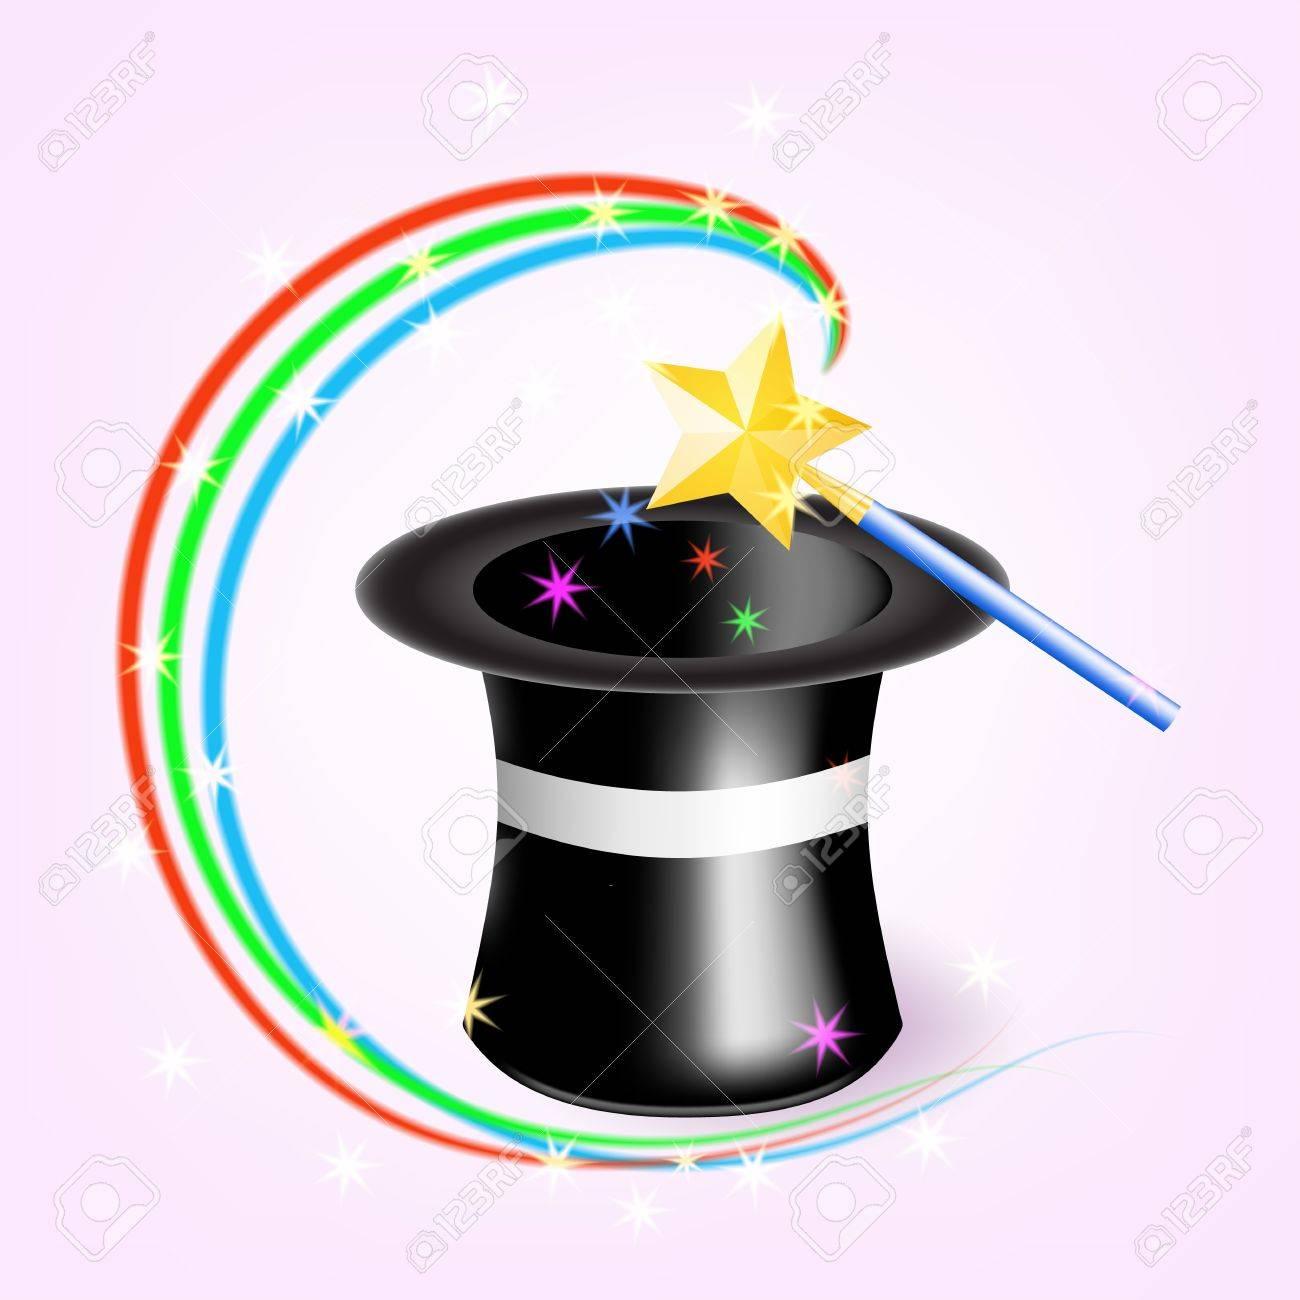 0ce768e5492 Sombrero mágico con la varita mágica ilustración